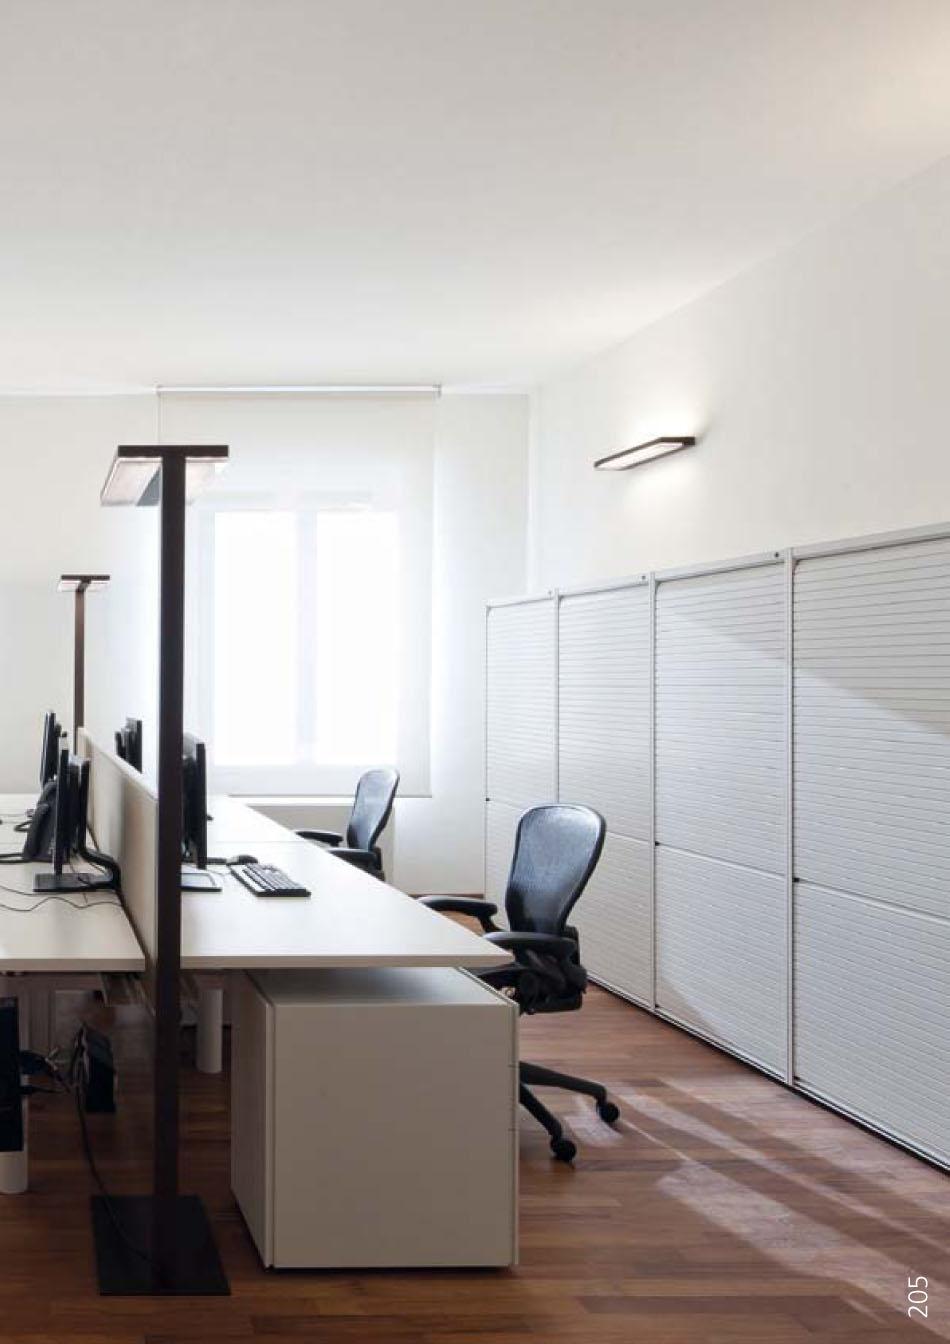 artemide architectural chocolat accessoire abat jour de m164200 l mparas de dise o. Black Bedroom Furniture Sets. Home Design Ideas